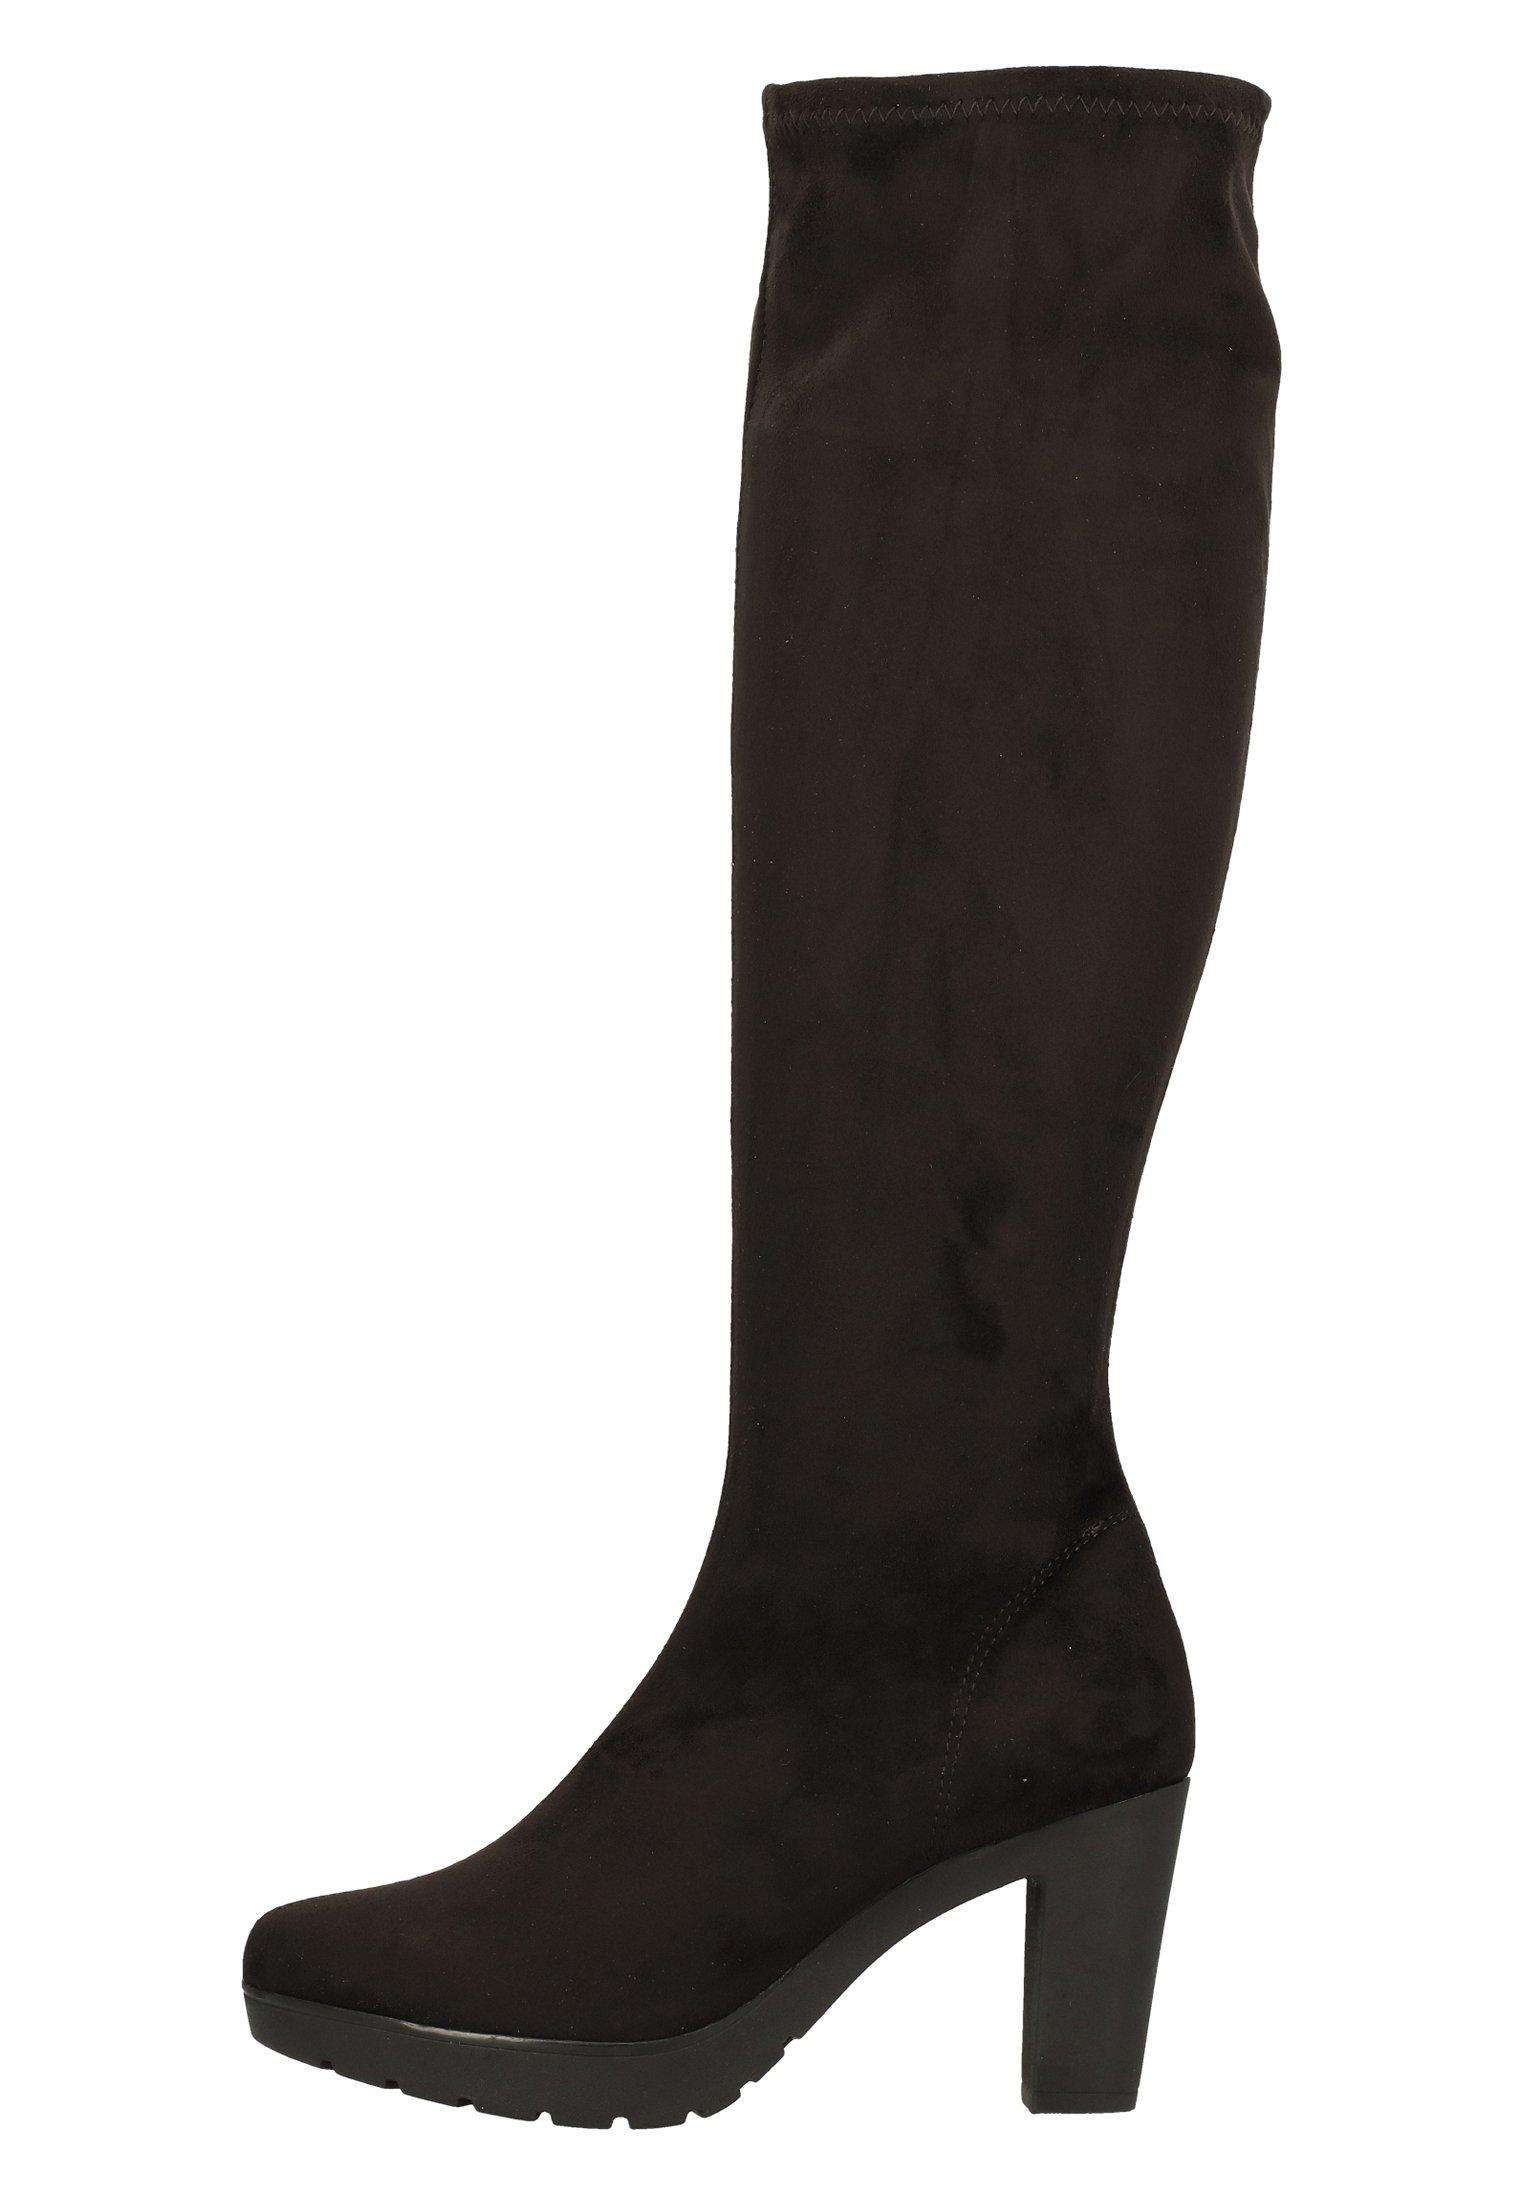 Laarzen met hoge hak black cm